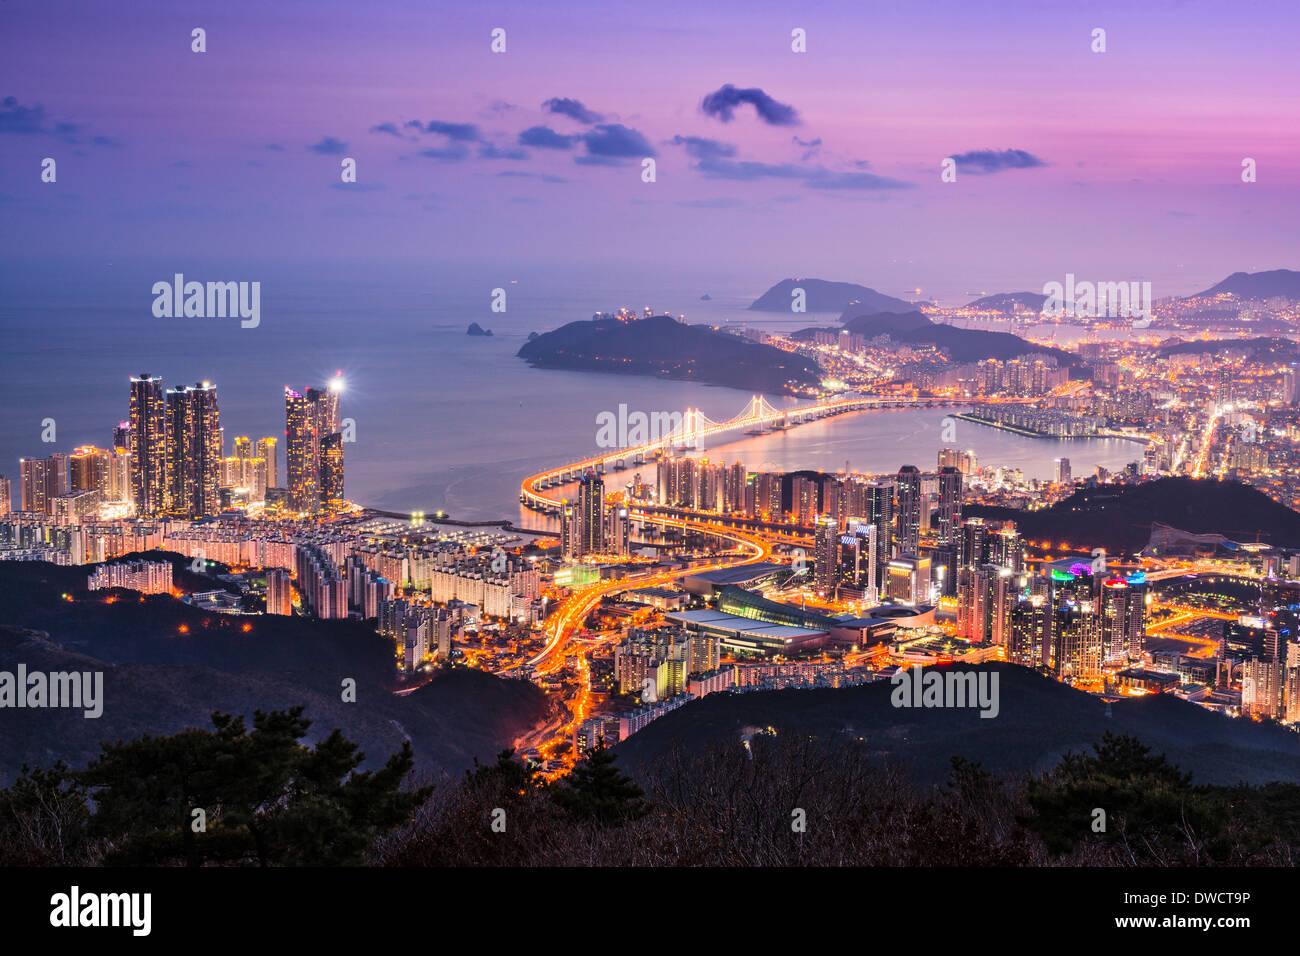 Horizonte de Busan, Corea del Sur durante la noche. Imagen De Stock